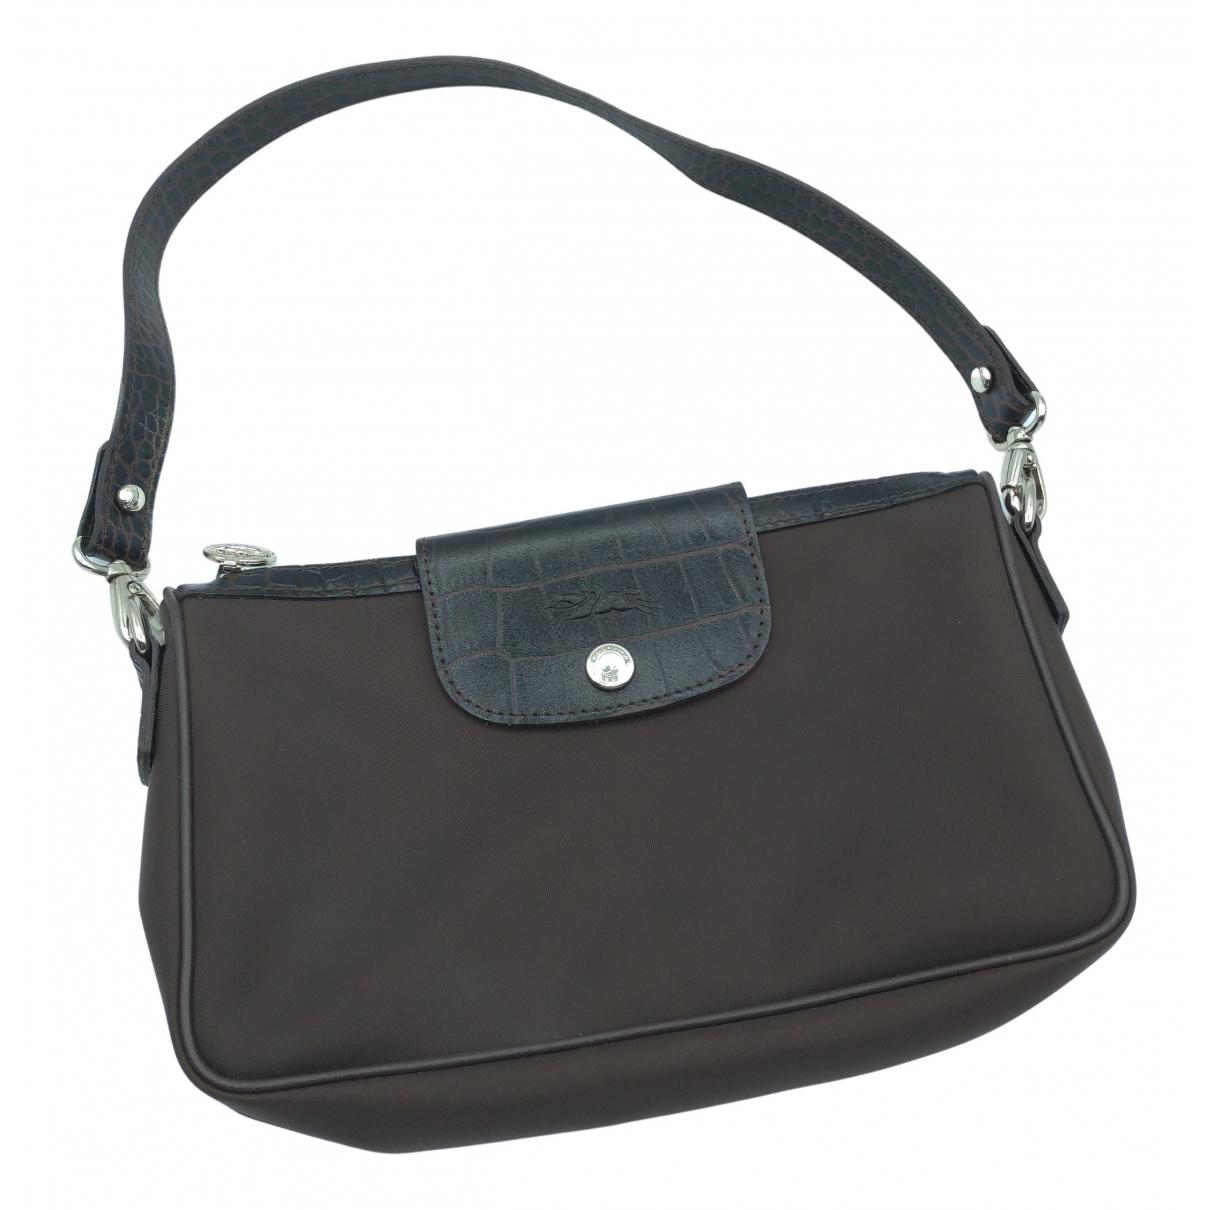 Longchamp - Pochette   pour femme en toile - marron